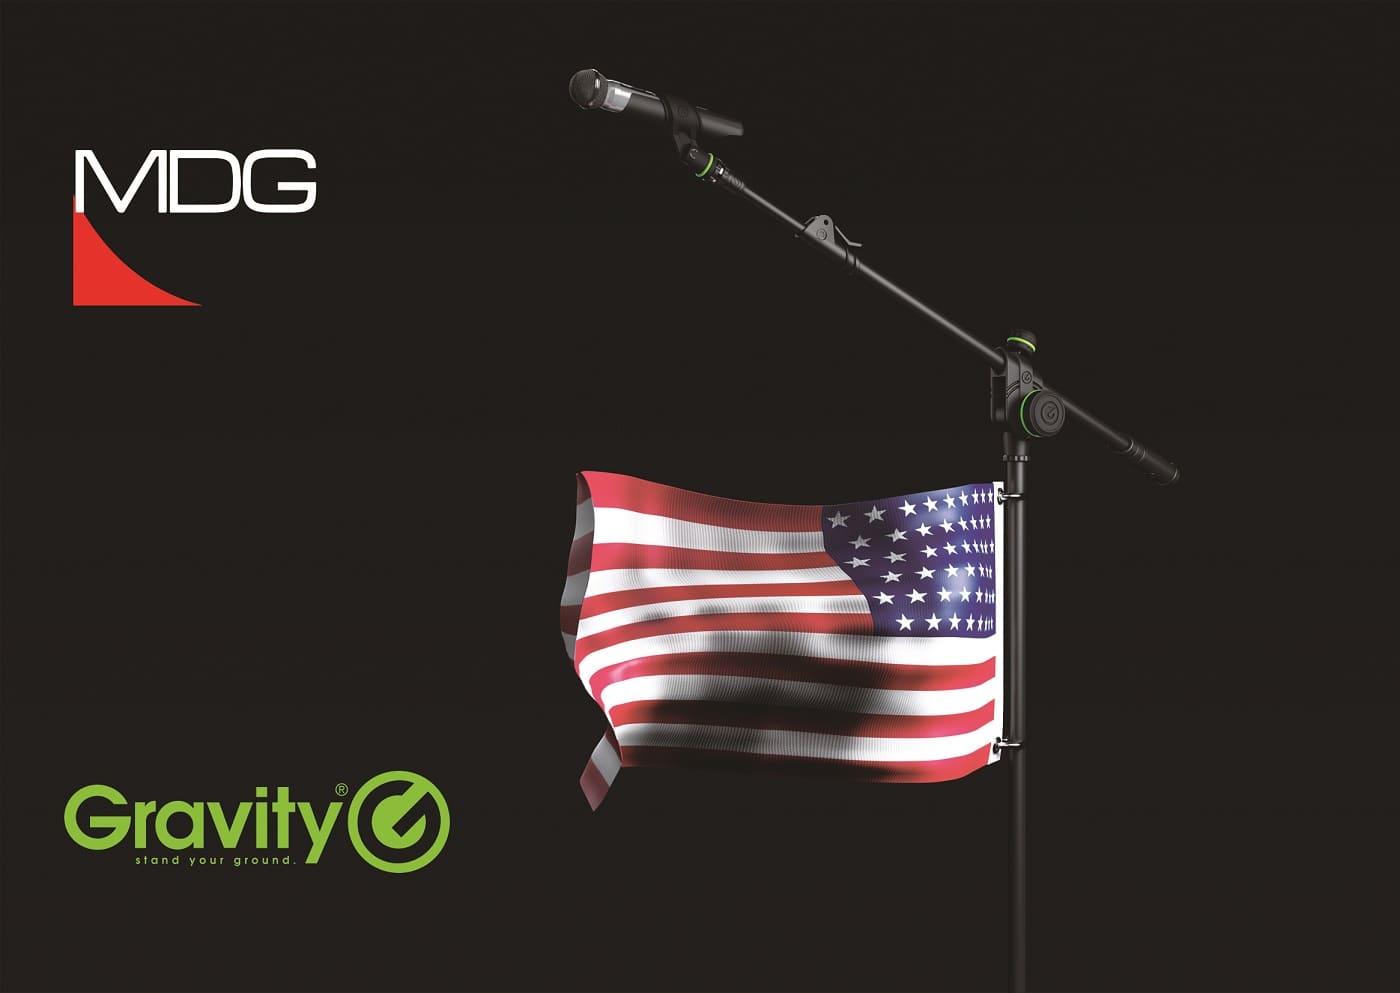 soportes Gravity, la nueva marca de soportes de alta calidad de Adam Hall Group